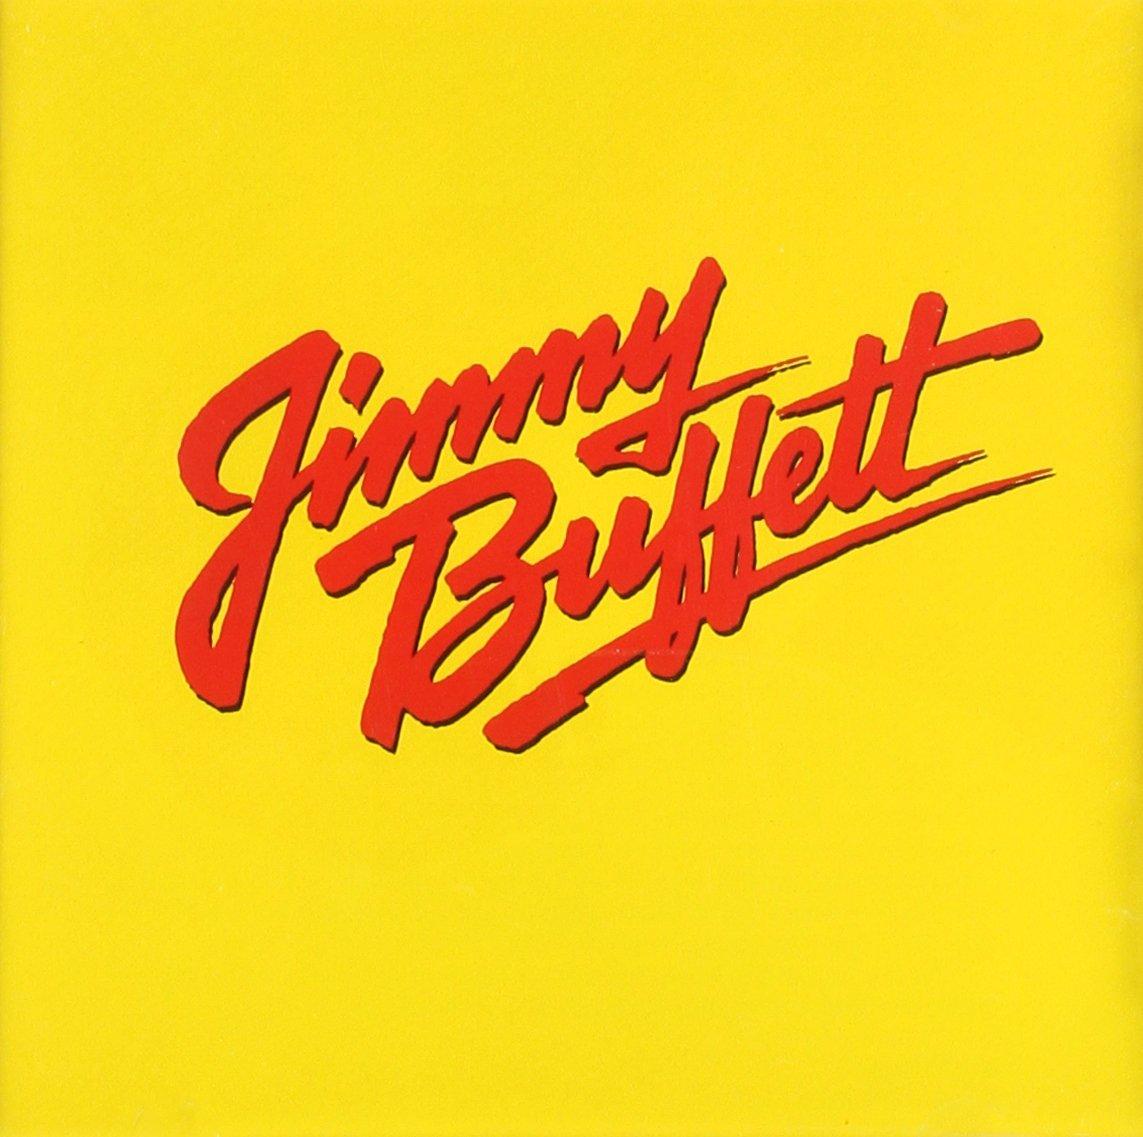 Jimmy Buffett - Songs You Know by Heart : Jimmy Buffett's Greatest ...